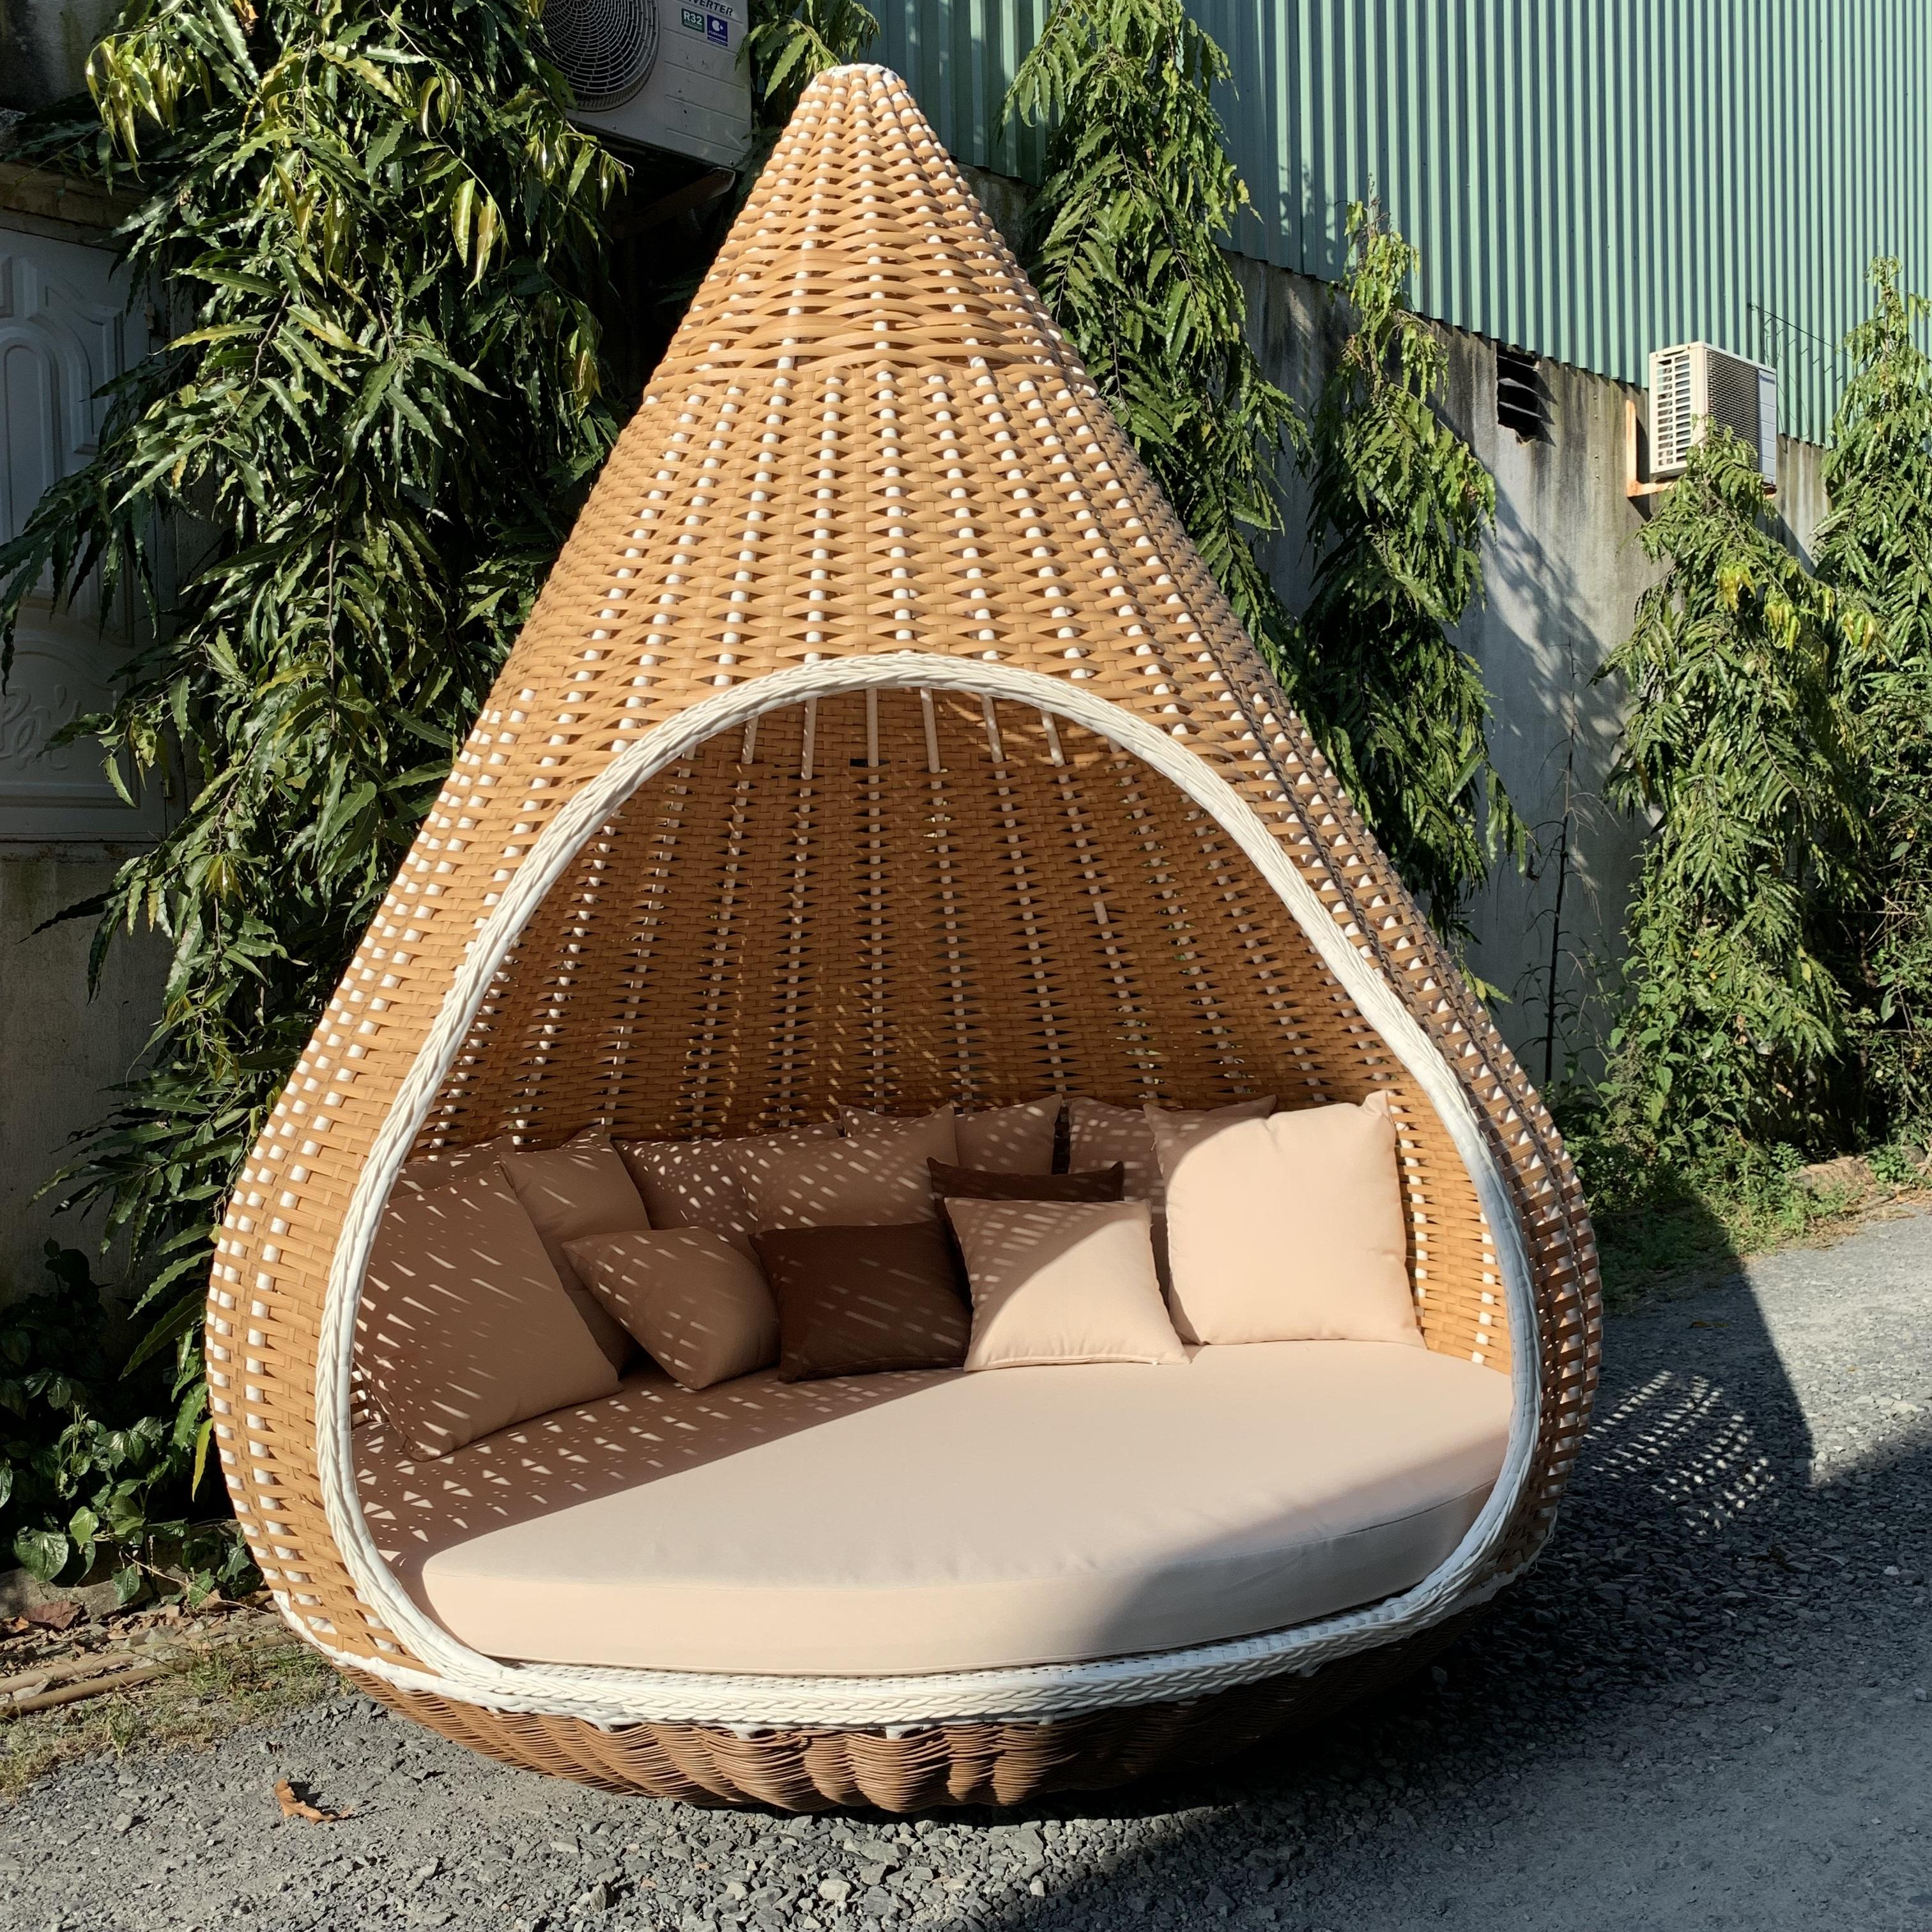 outdoor furniture resin wicker rattan outdoor patio garden nest bird swing chair patio big round swing hanging bed chair buy outdoor swing